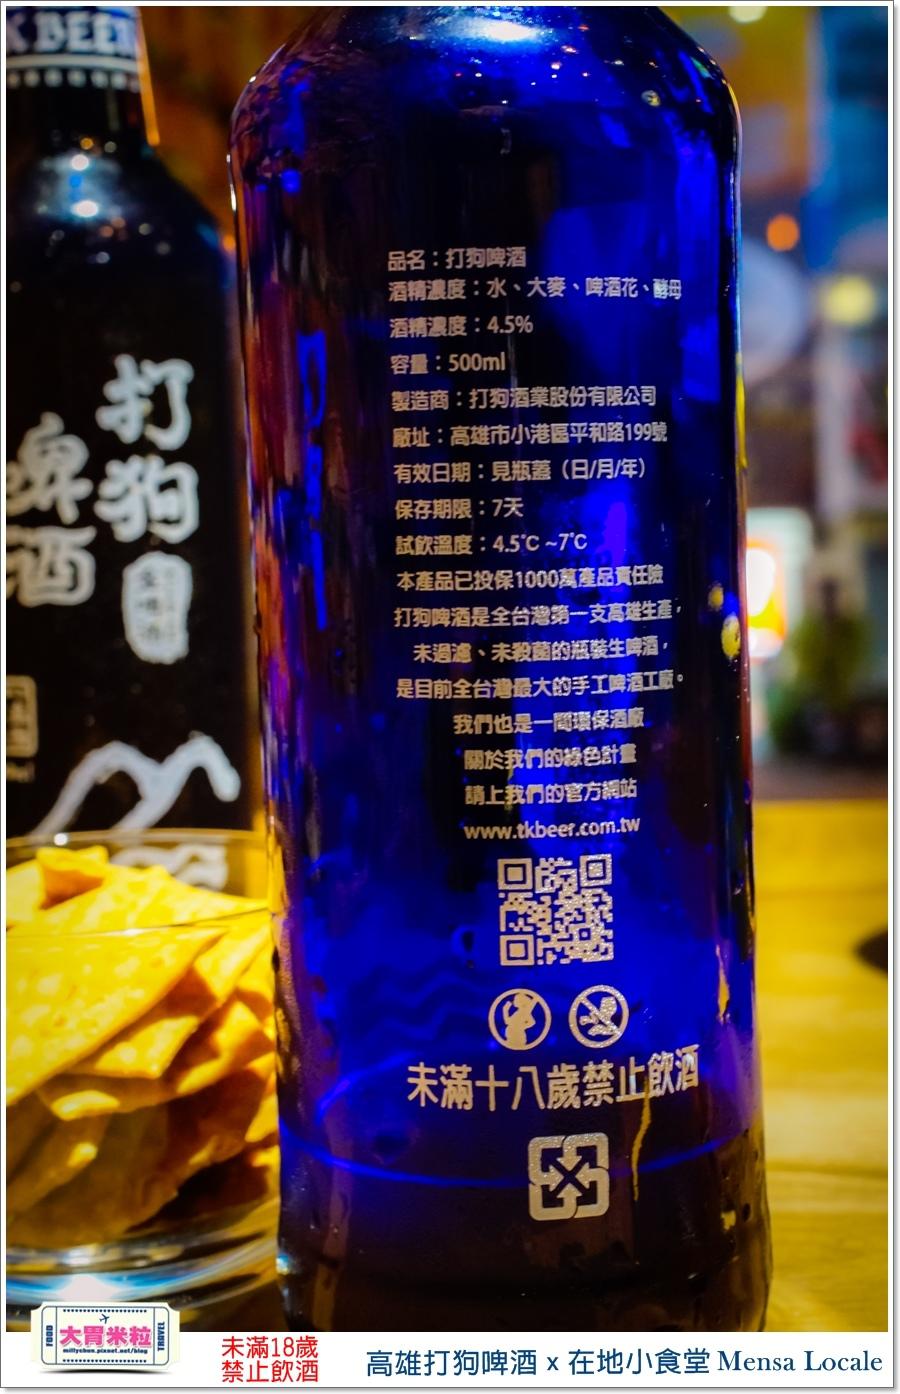 高雄打狗啤酒x在地小食堂Mensa Locale@大胃米粒00053.jpg